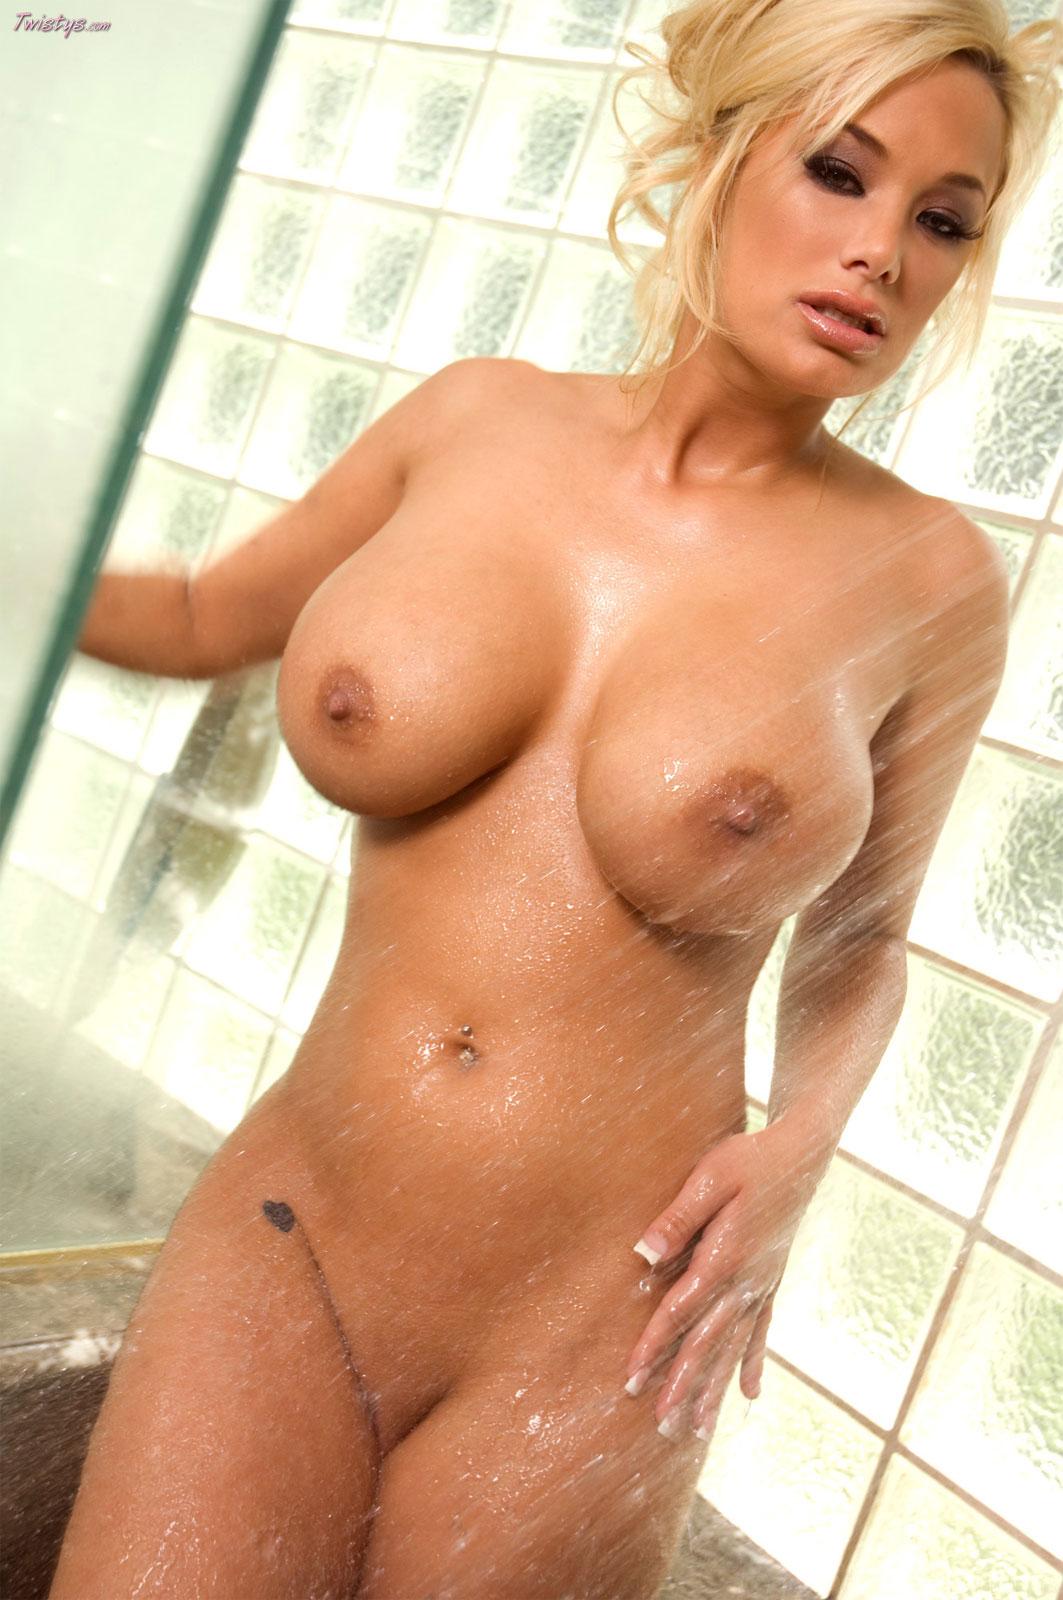 Самые большие сиськи у порно актрисы 12 фотография